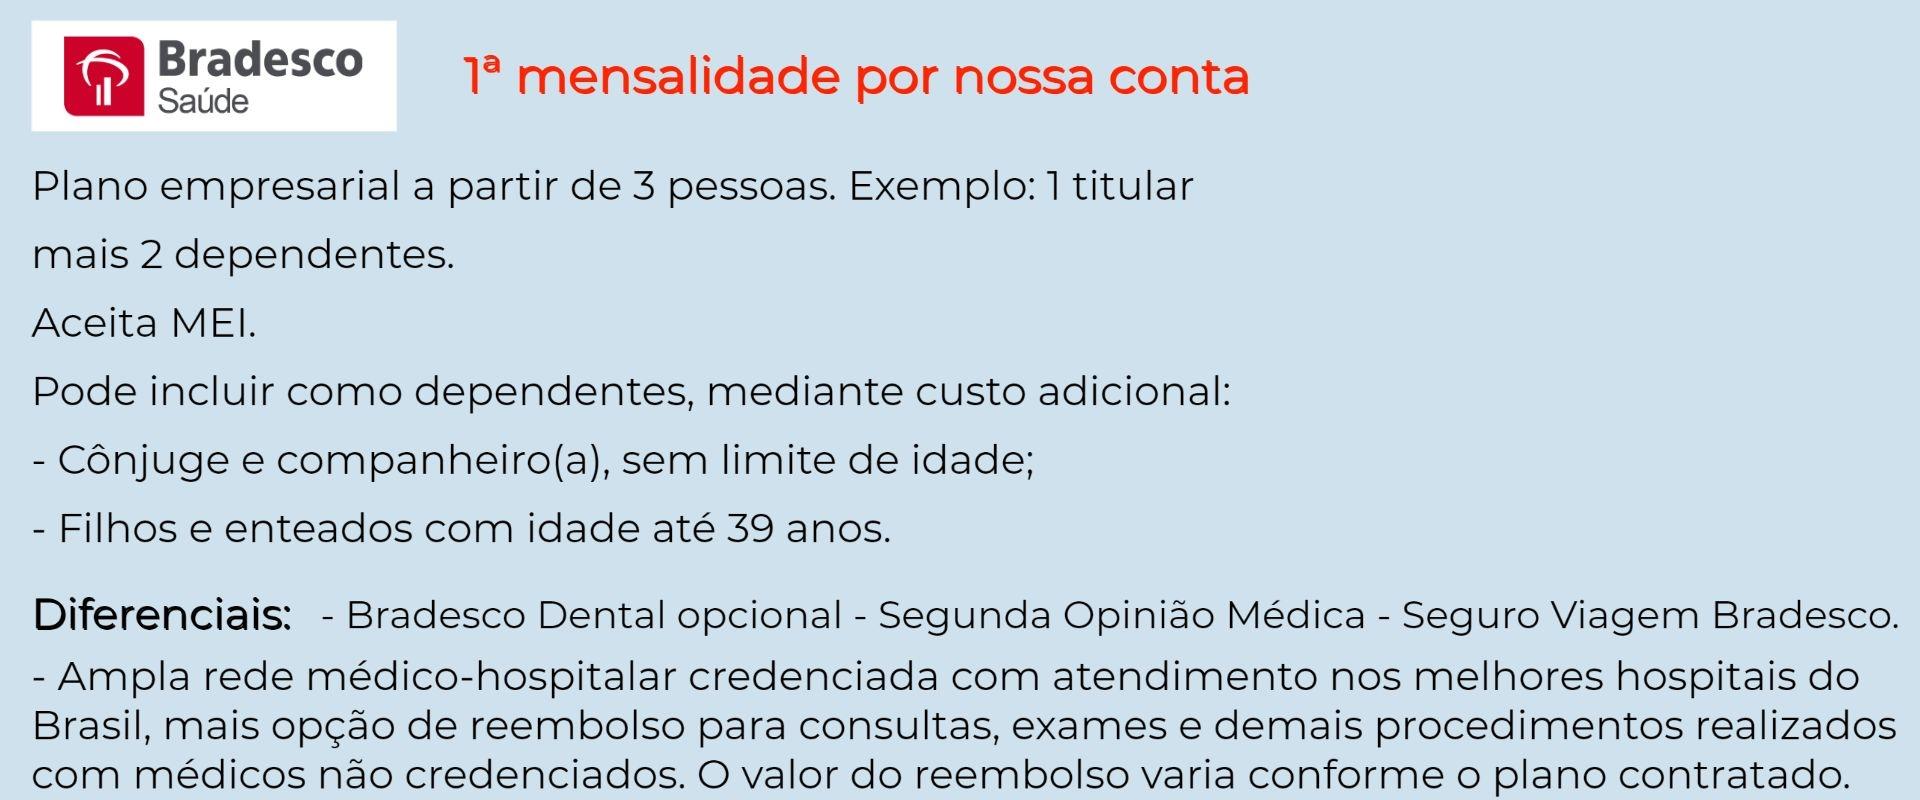 Bradesco Saúde Empresarial - São Sebastião Do Passé